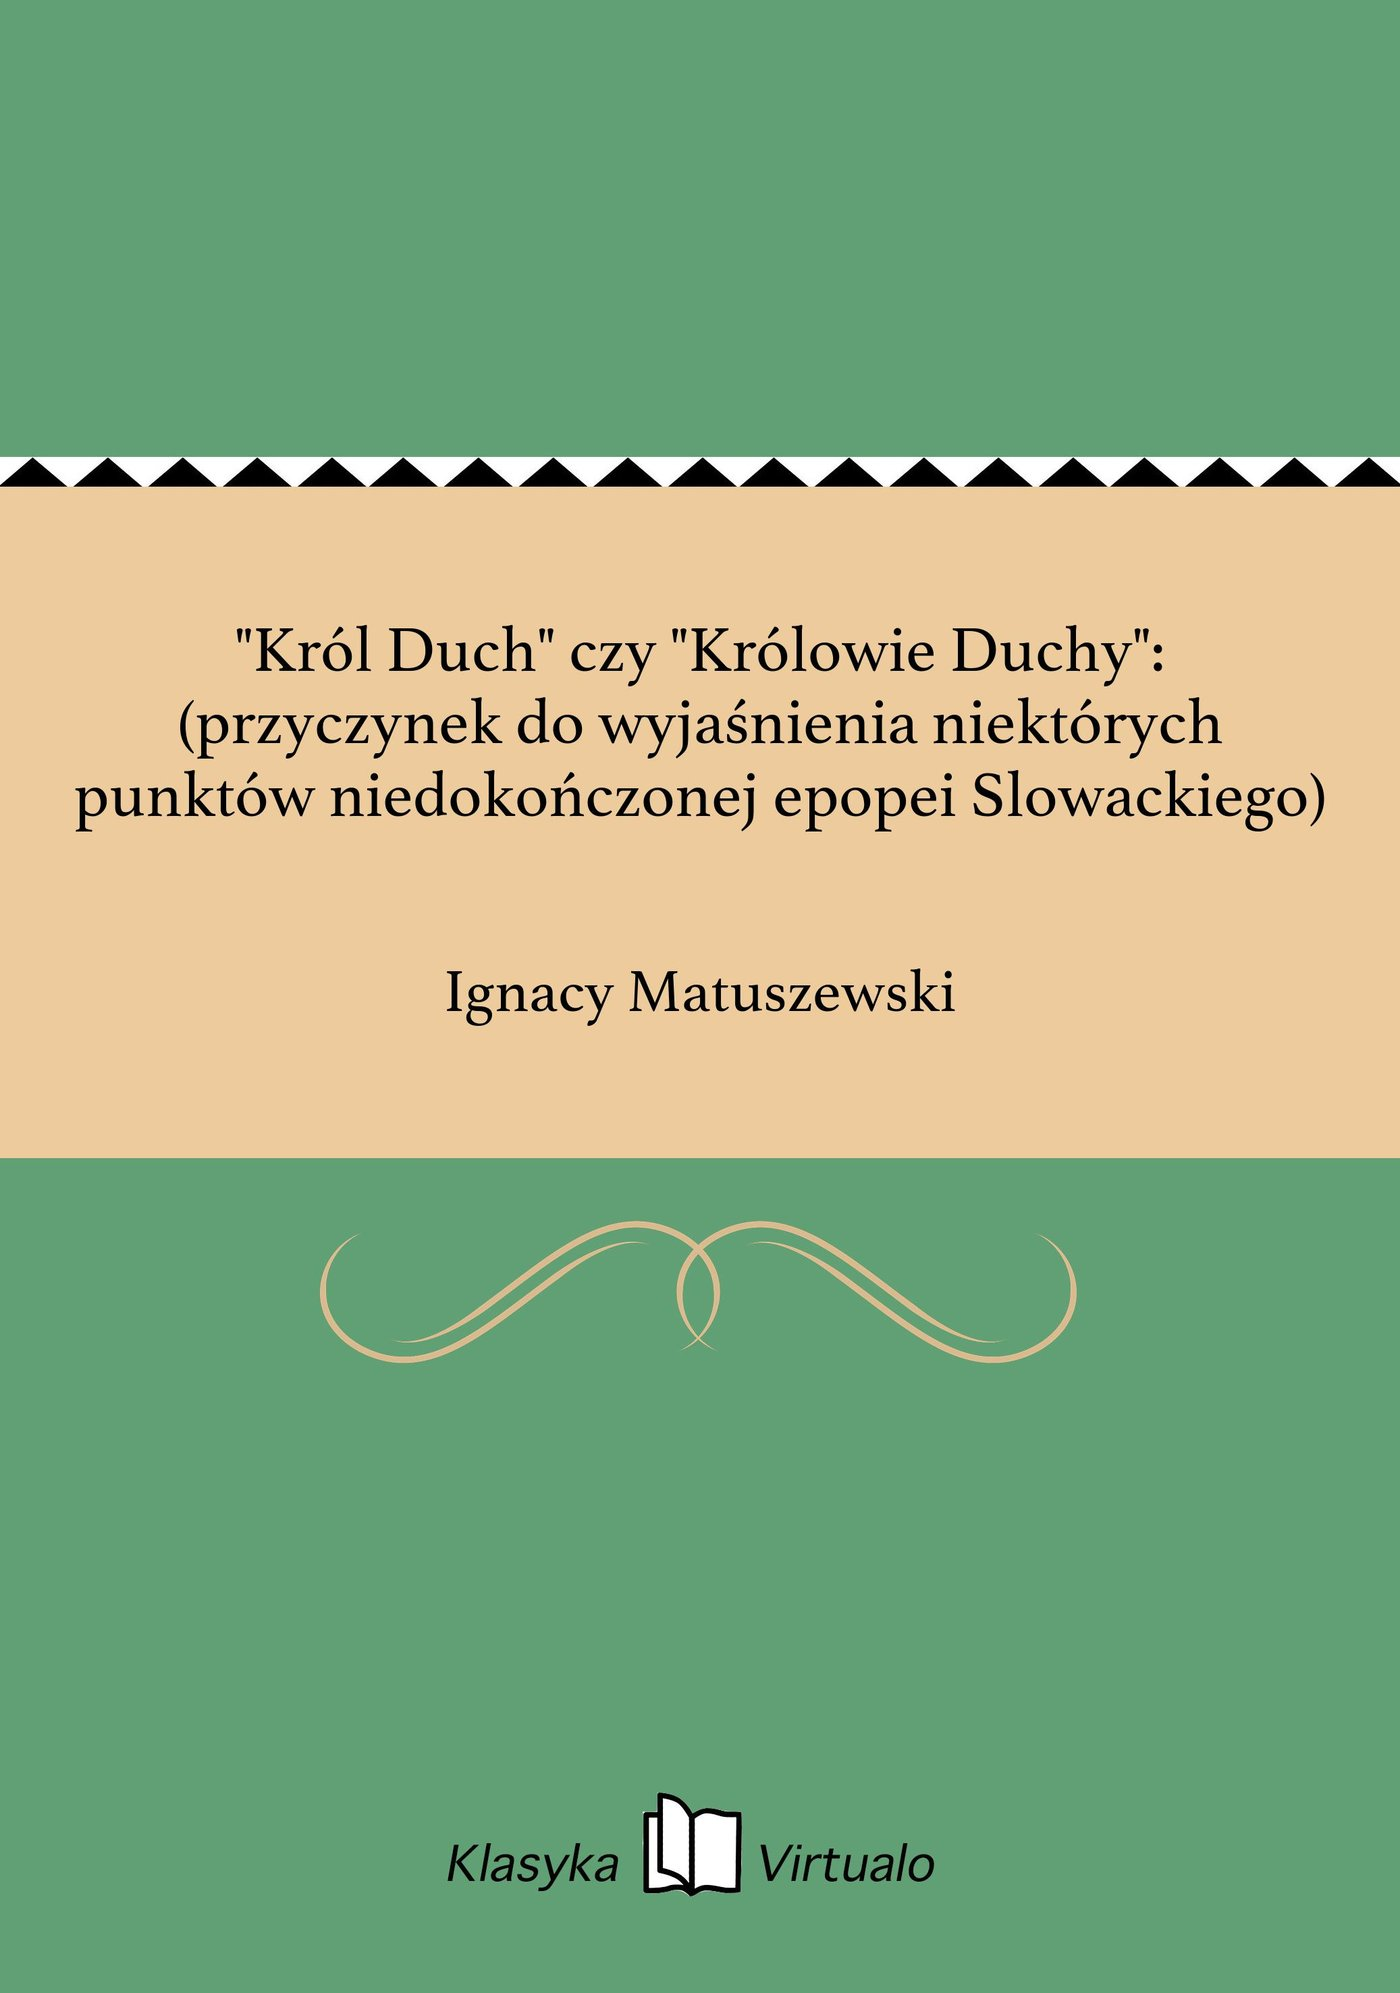 """""""Król Duch"""" czy """"Królowie Duchy"""": (przyczynek do wyjaśnienia niektórych punktów niedokończonej epopei Slowackiego) - Ebook (Książka EPUB) do pobrania w formacie EPUB"""